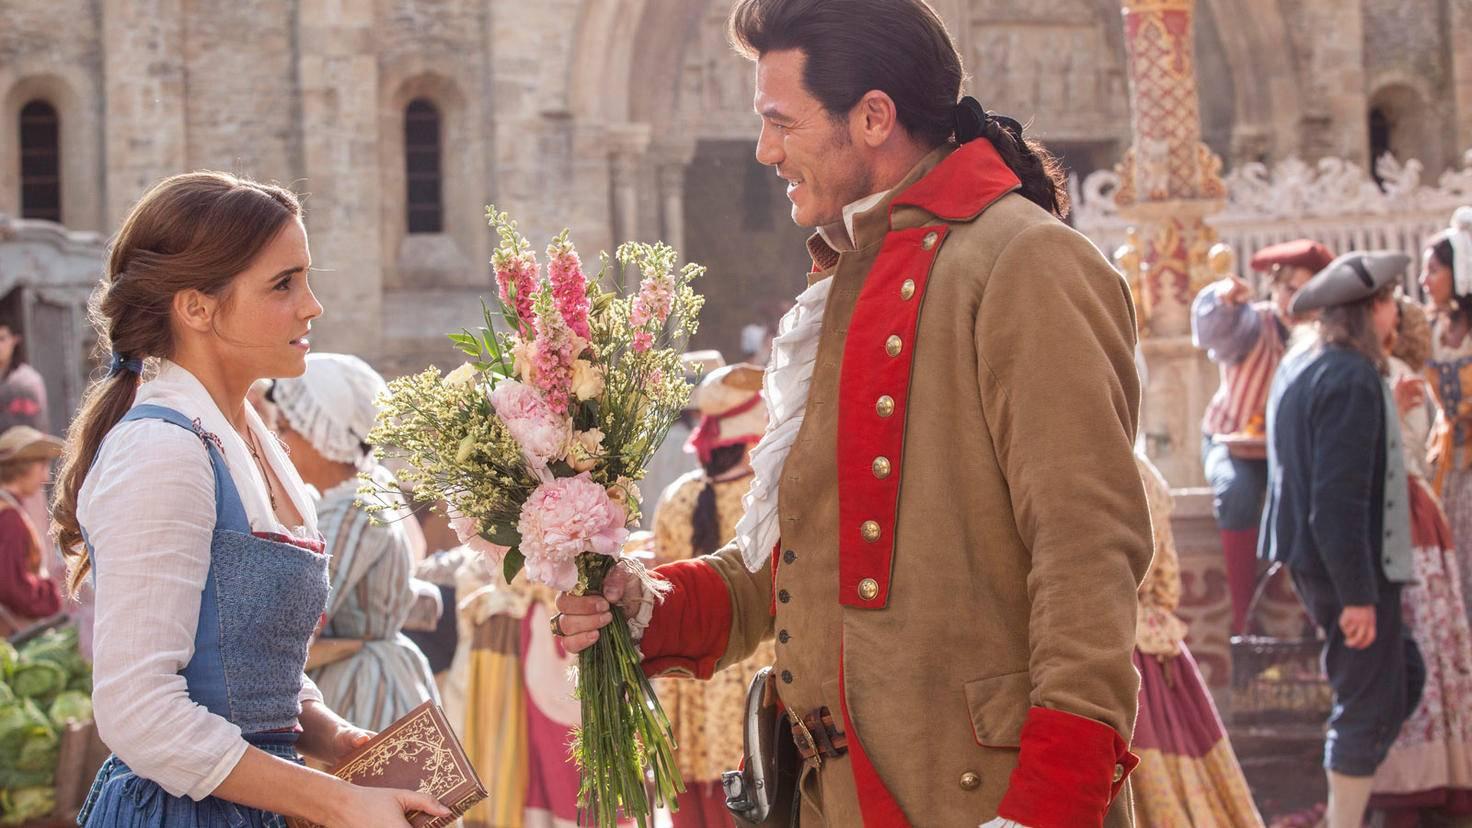 Auch Gaston (r.) hat ein Auge auf Belle (l.) geworfen.